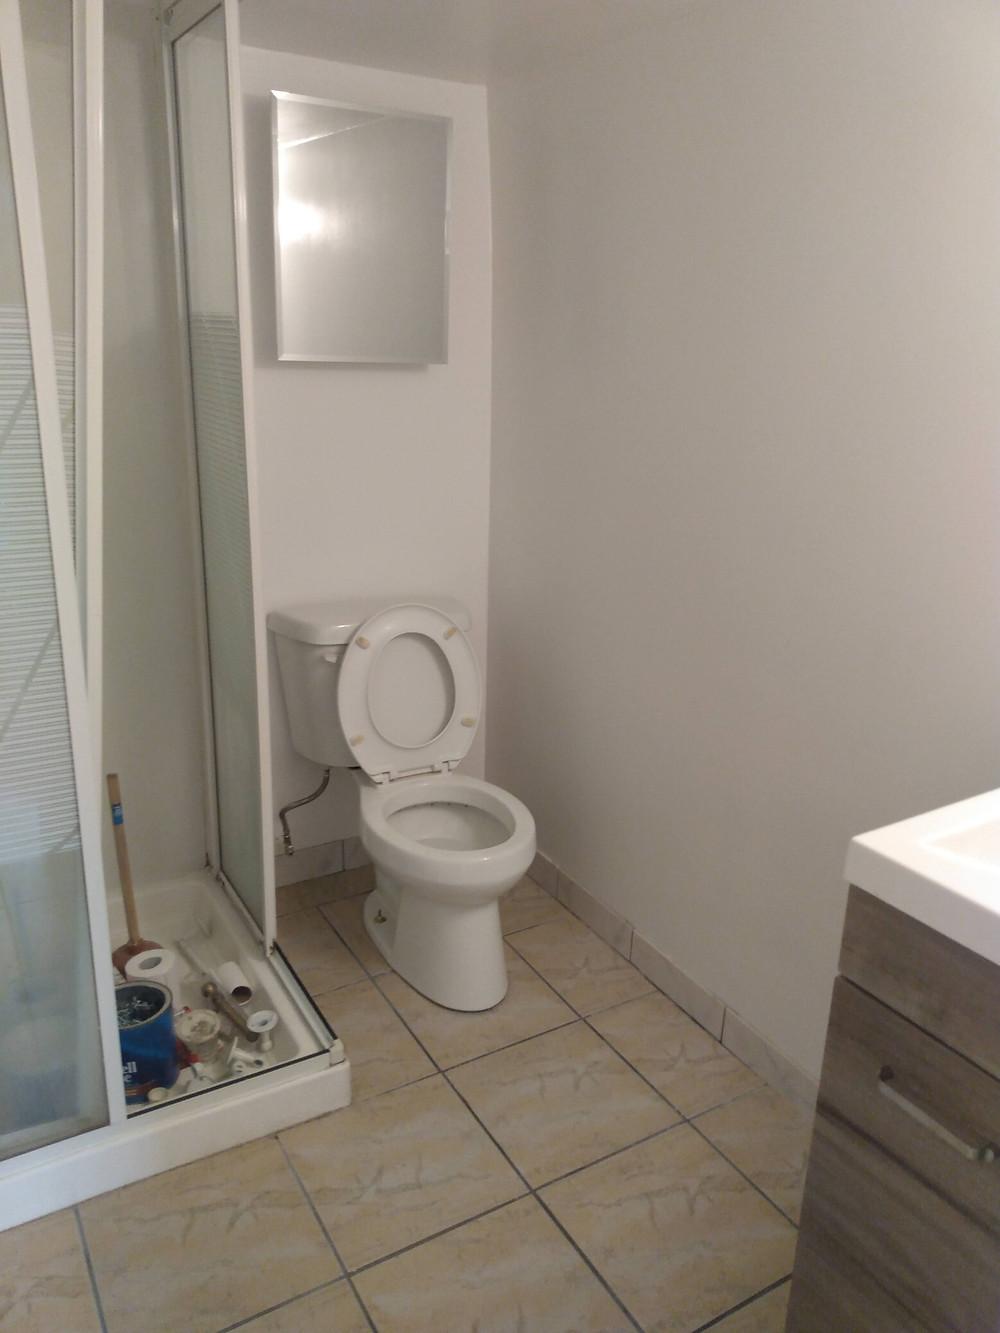 Small bathroom, no tub